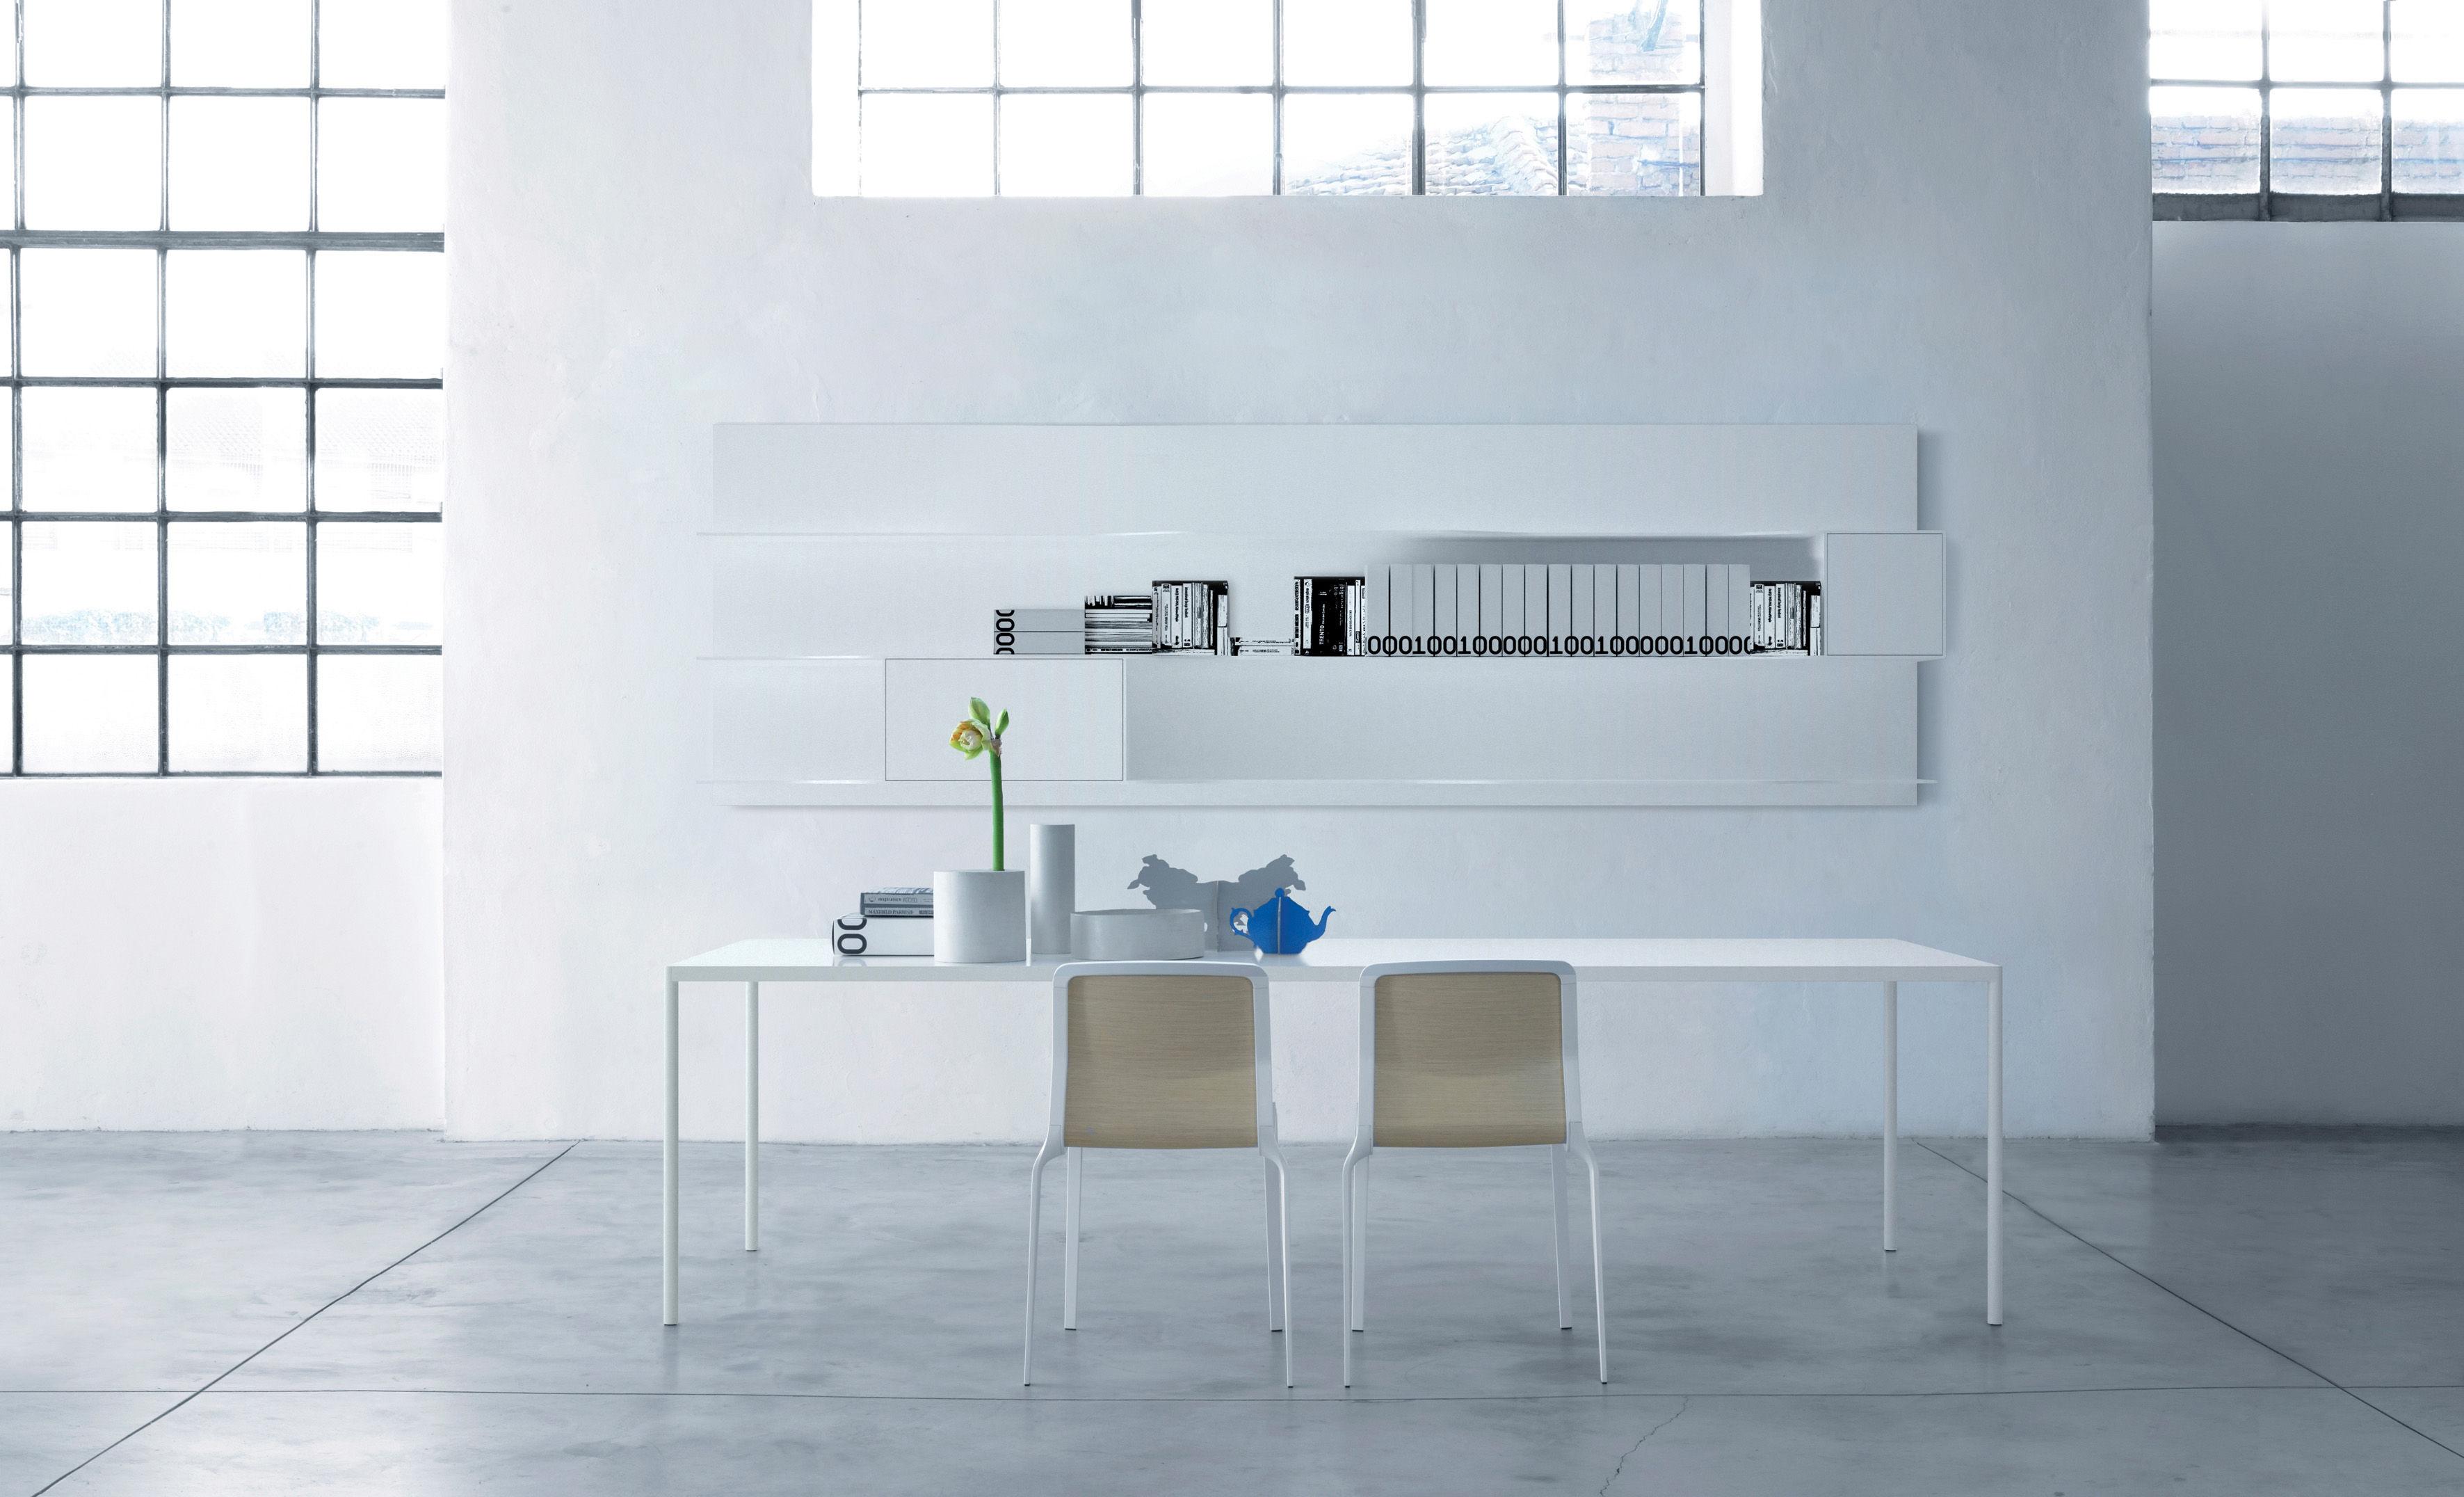 Table robin ciment 100 x 220 cm ciment gris clair mdf italia - Mdf italia ...